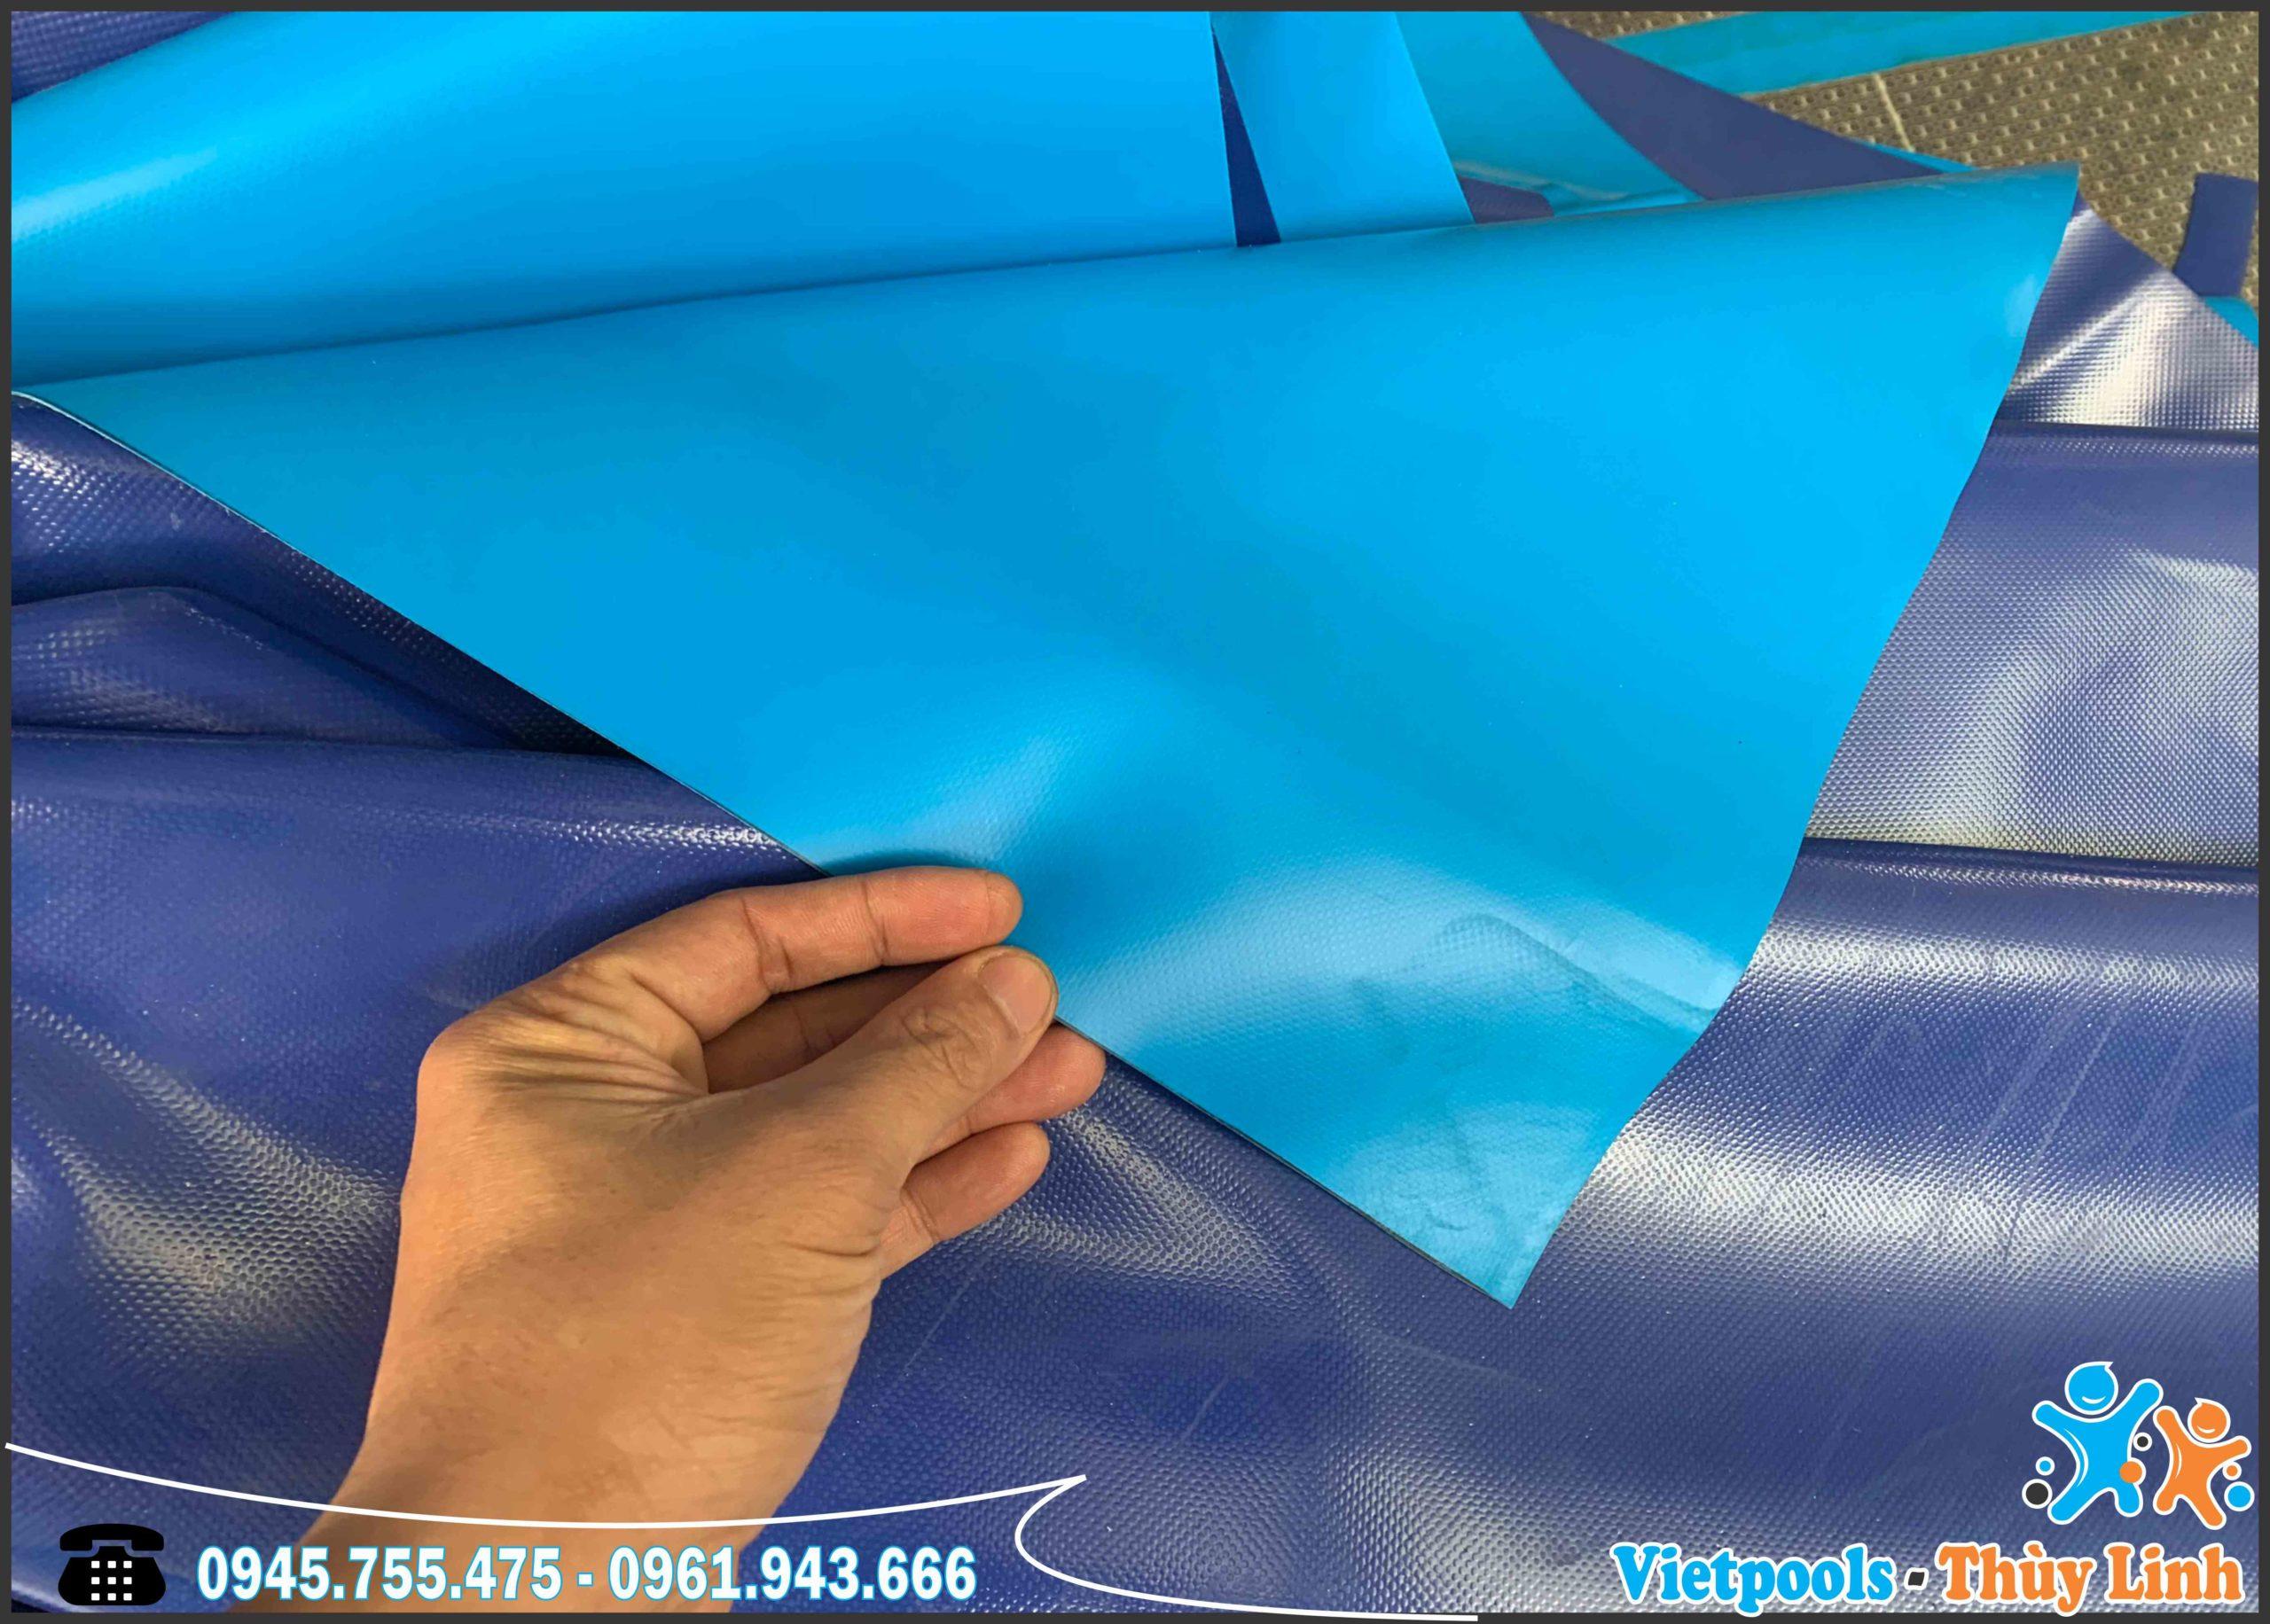 Bể Bơi Di Động Lắp Ghép Thông Minh 11,1m x 24,6m 5